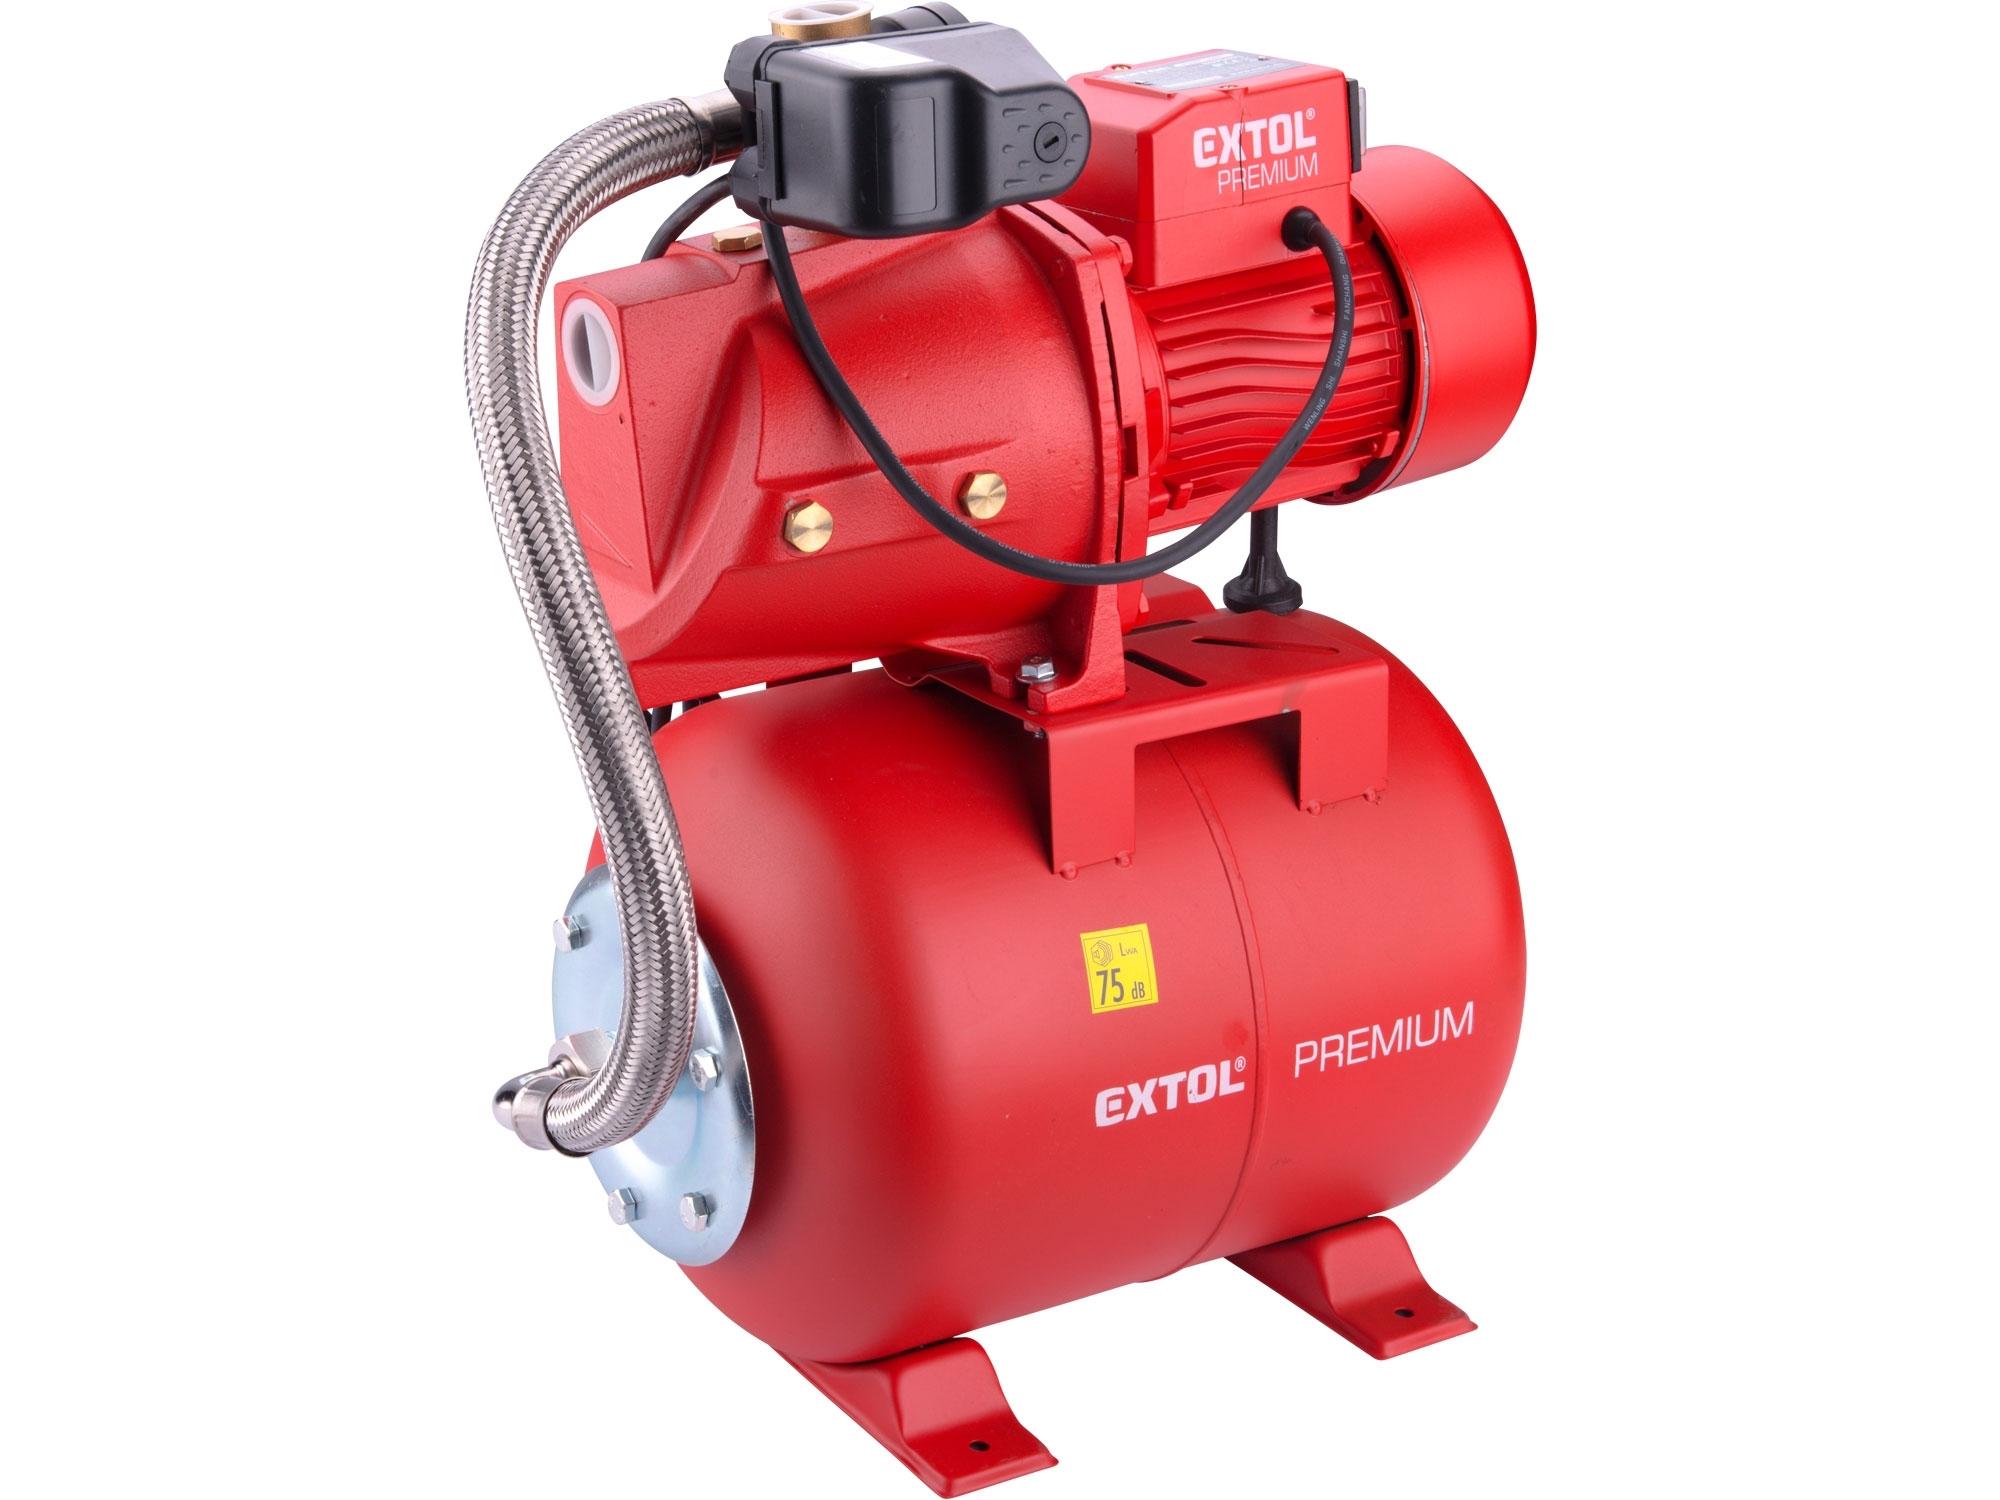 čerpadlo proudové s tlakovou nádobou, 750W, 5270l/hod, EXTOL PREMIUM 8895095